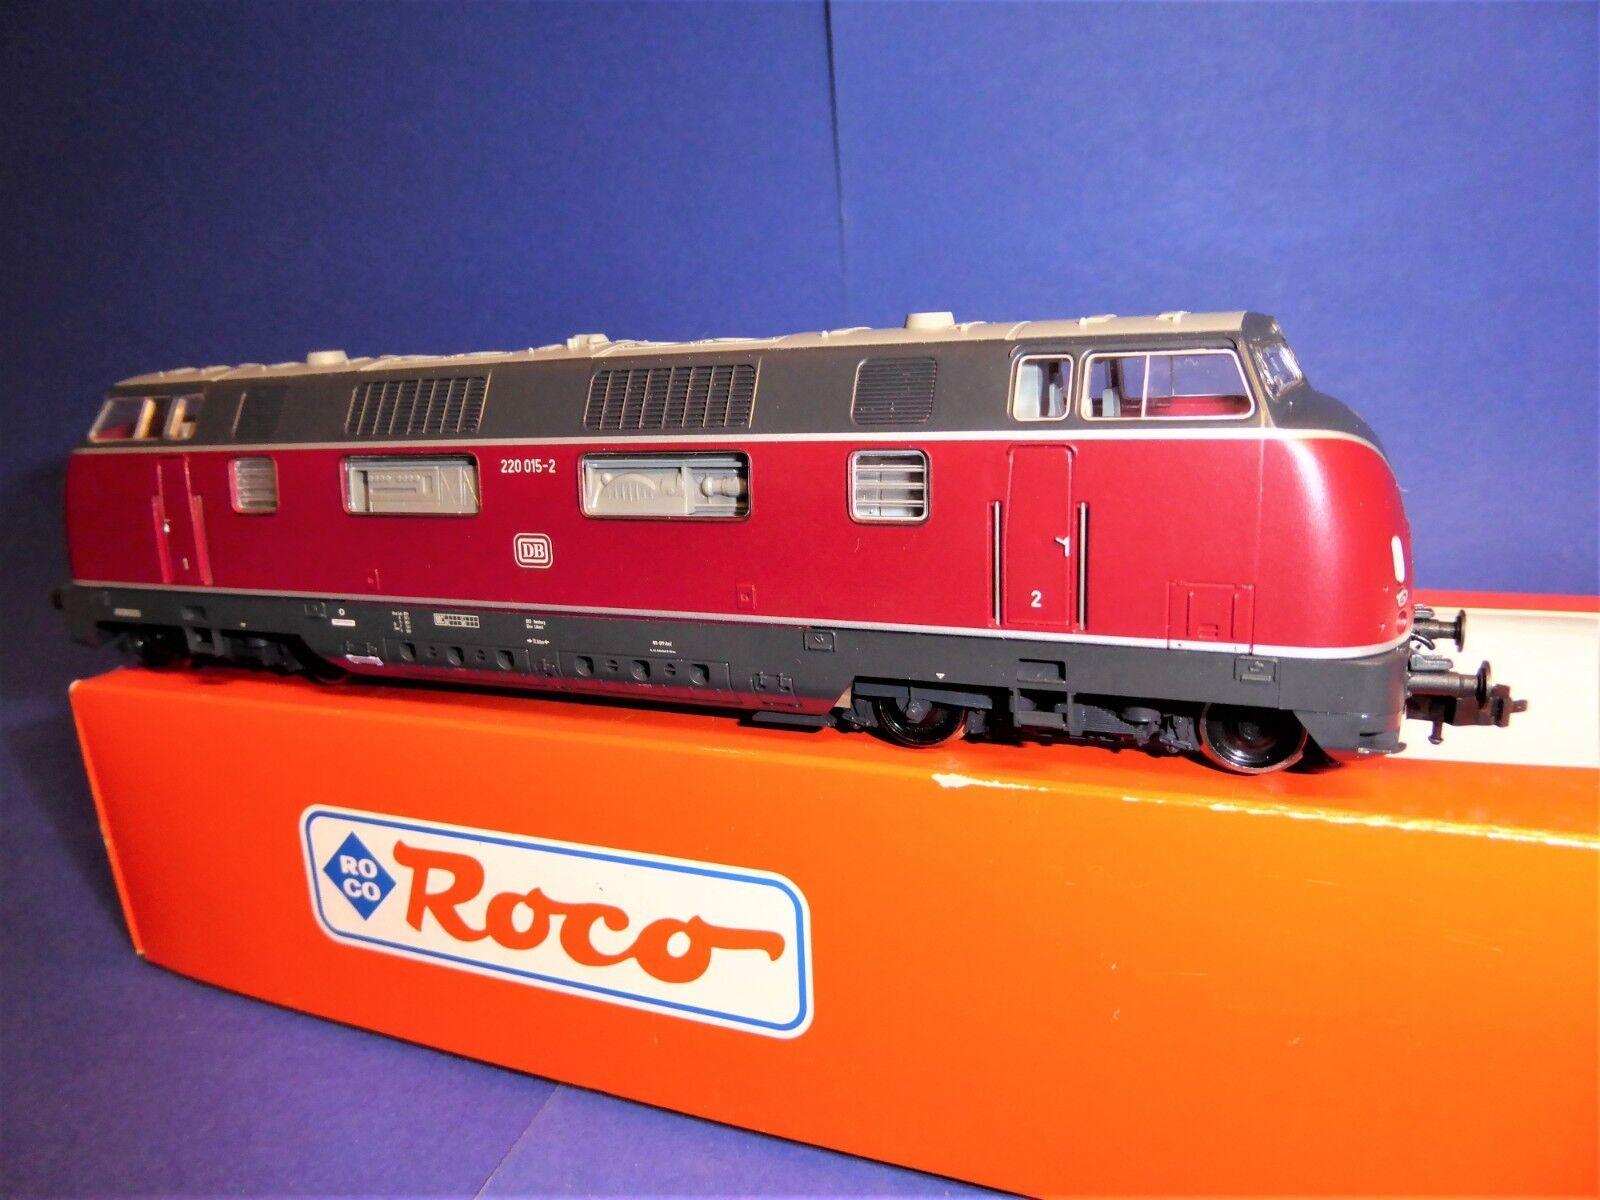 Roco h0 63405 br220 015-2 DB diesellok (2)